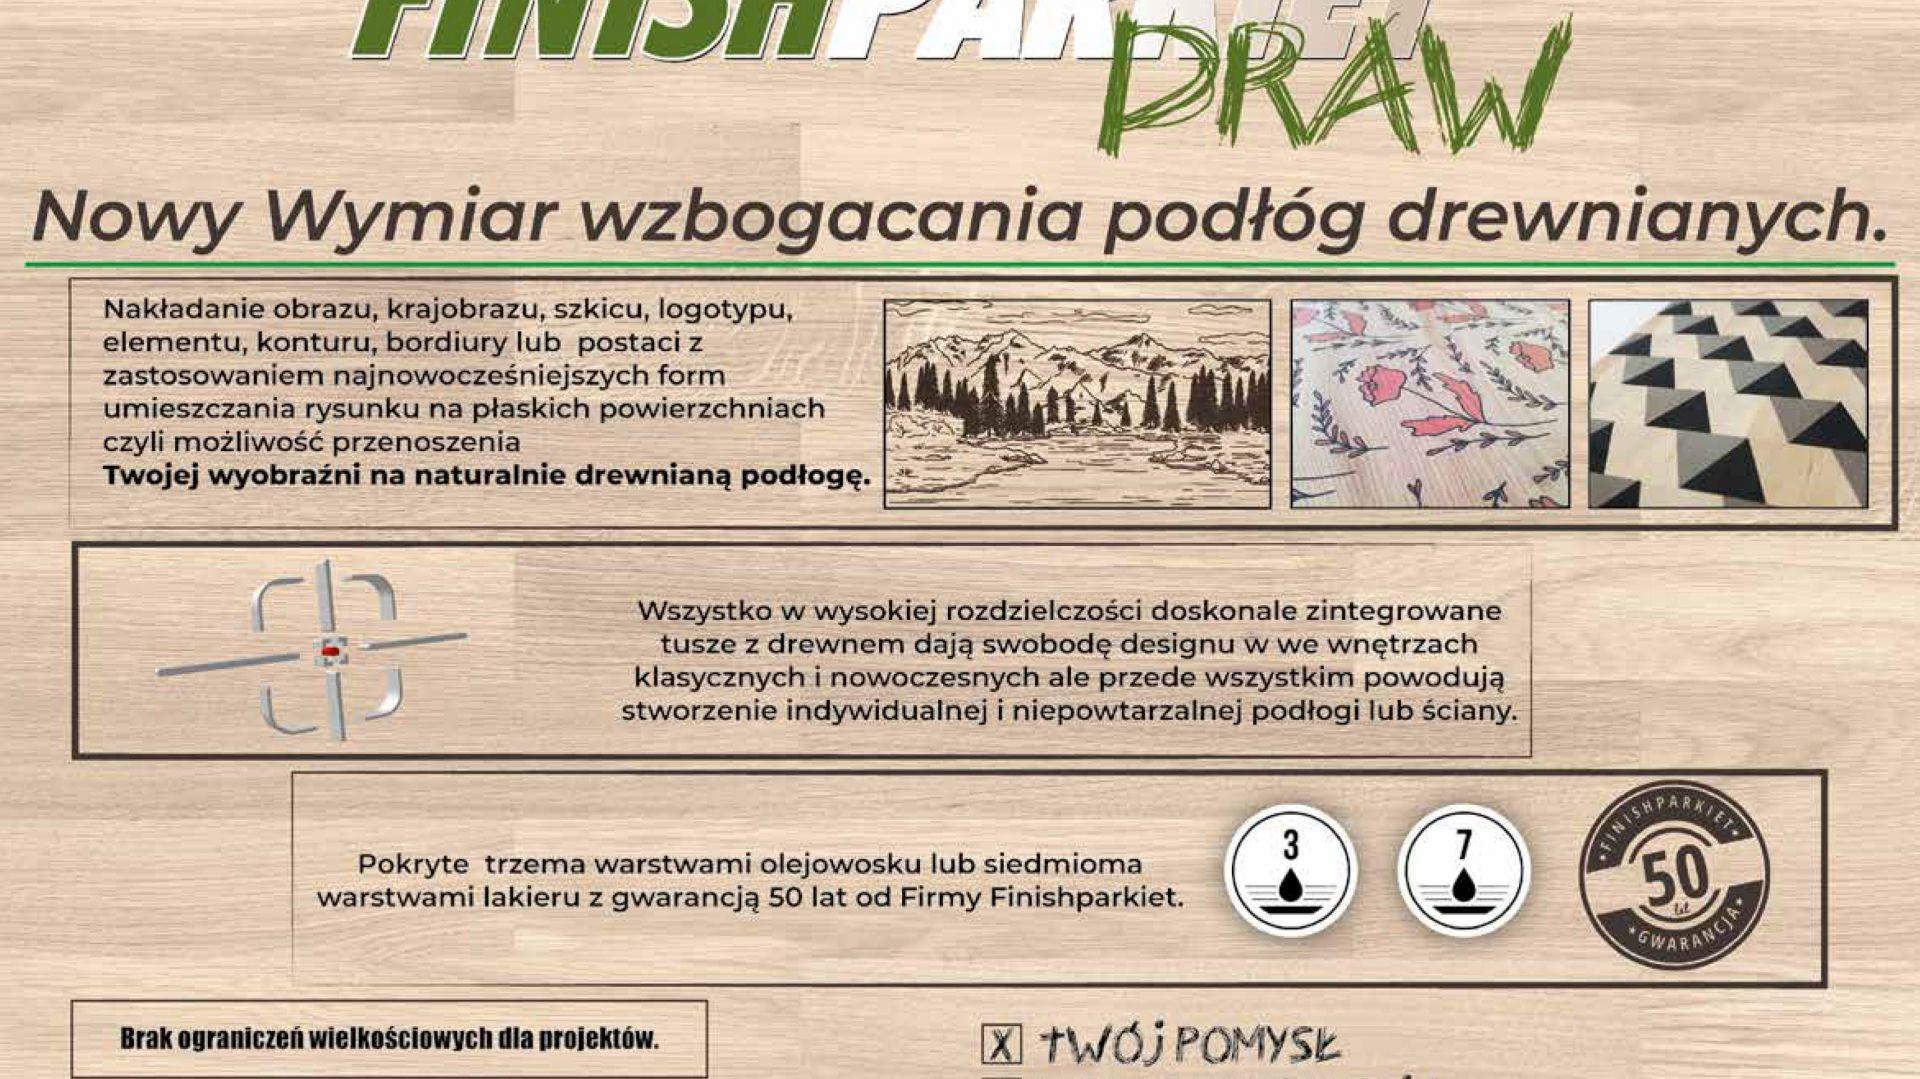 Finishparkiet DRAW/Finishparkiet. Produkt zgłoszony do konkursu Dobry Design 2019.